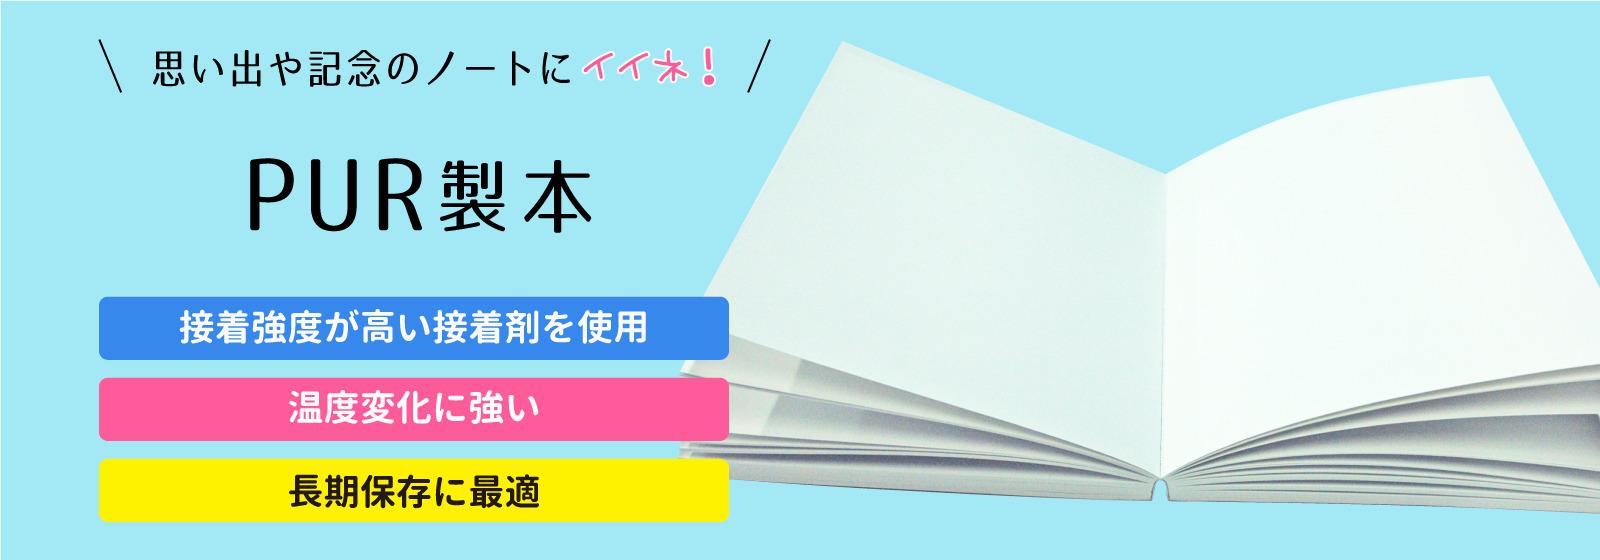 ノート本舗の製本方式。PUR無線綴じの特徴も紹介